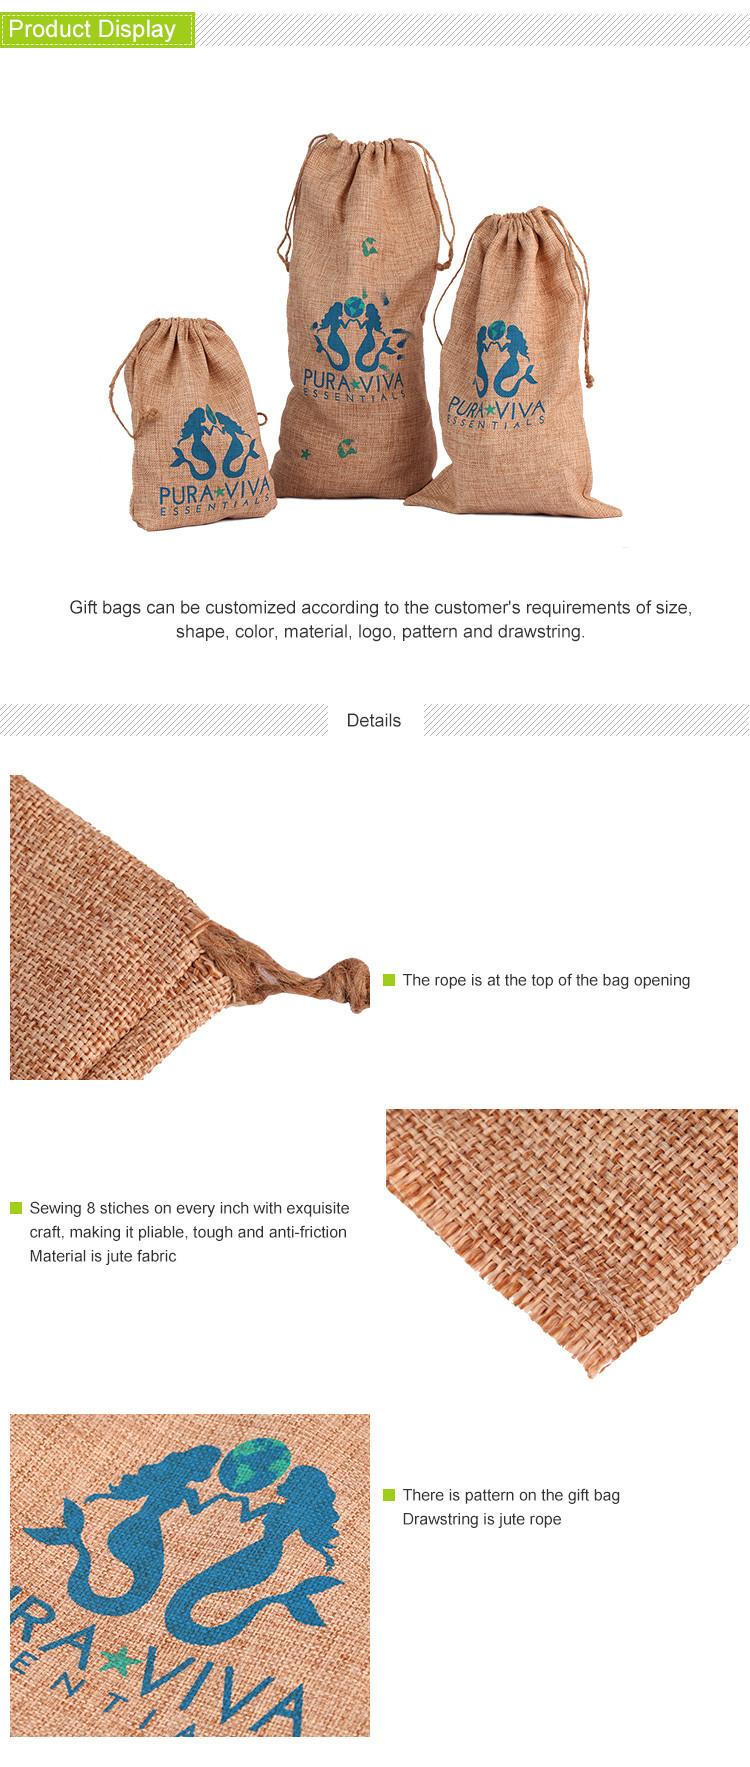 jute cocoa sack drawstring bag screen printed burlap wine bag